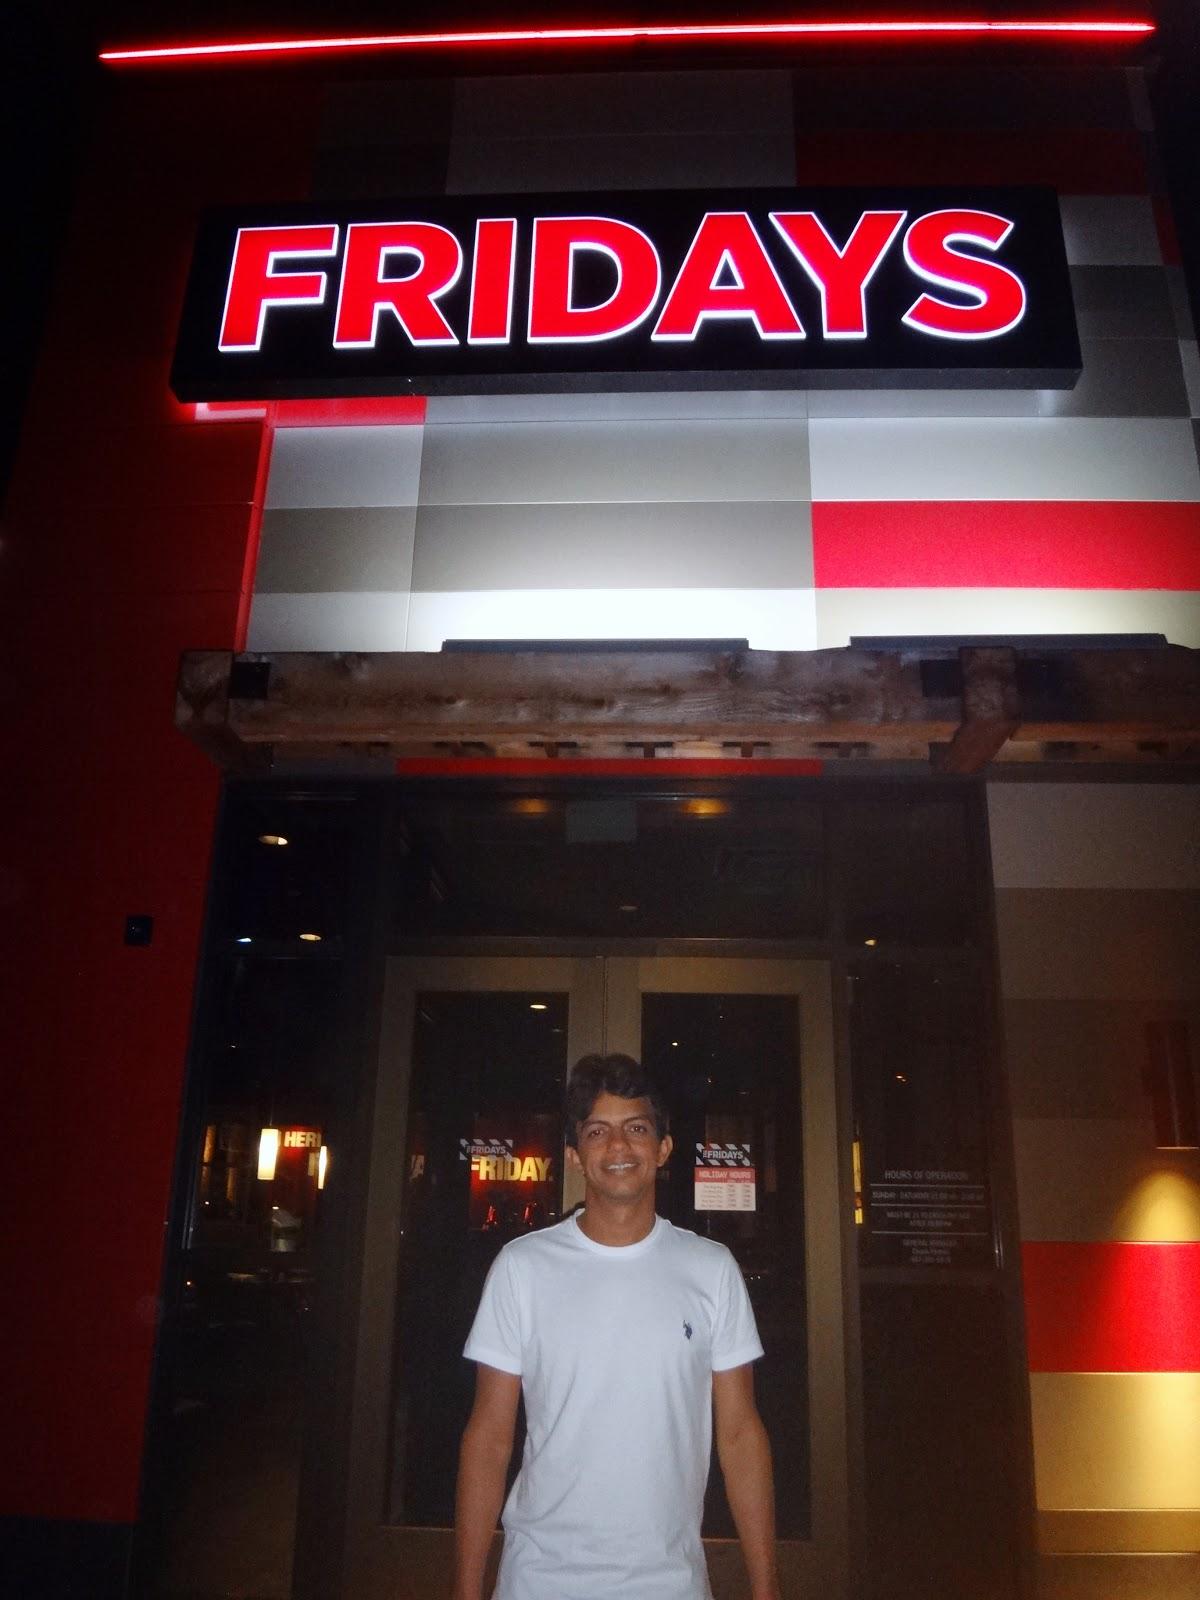 jantar no Fridays - orlando, florida